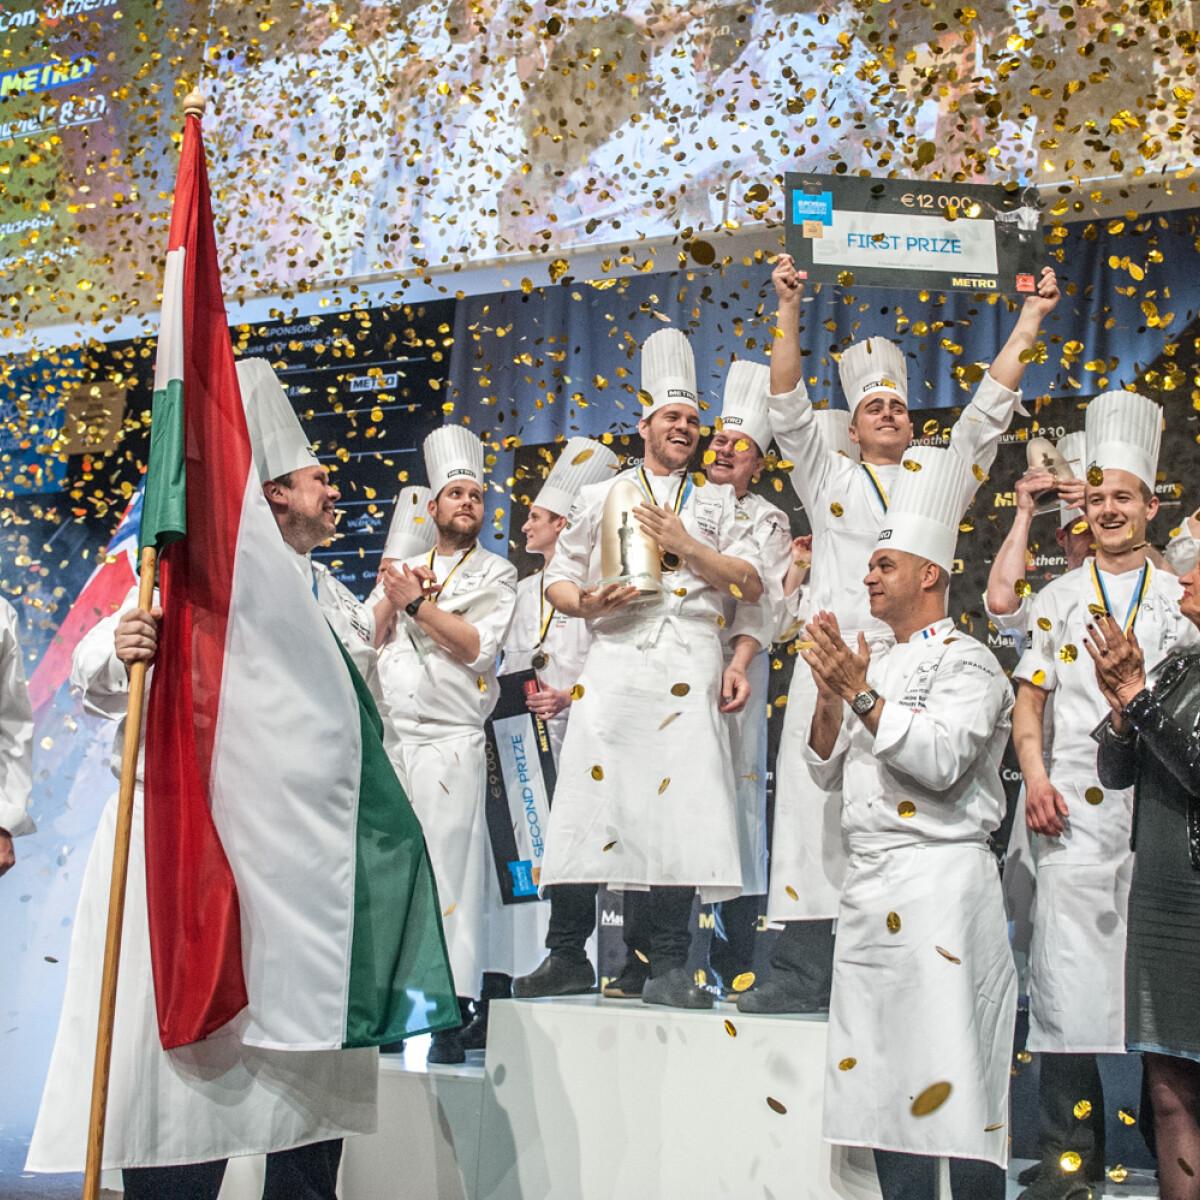 Óriási megtiszteltetés: Budapesten tartják a legrangosabb gasztronómiai verseny európai döntőjét